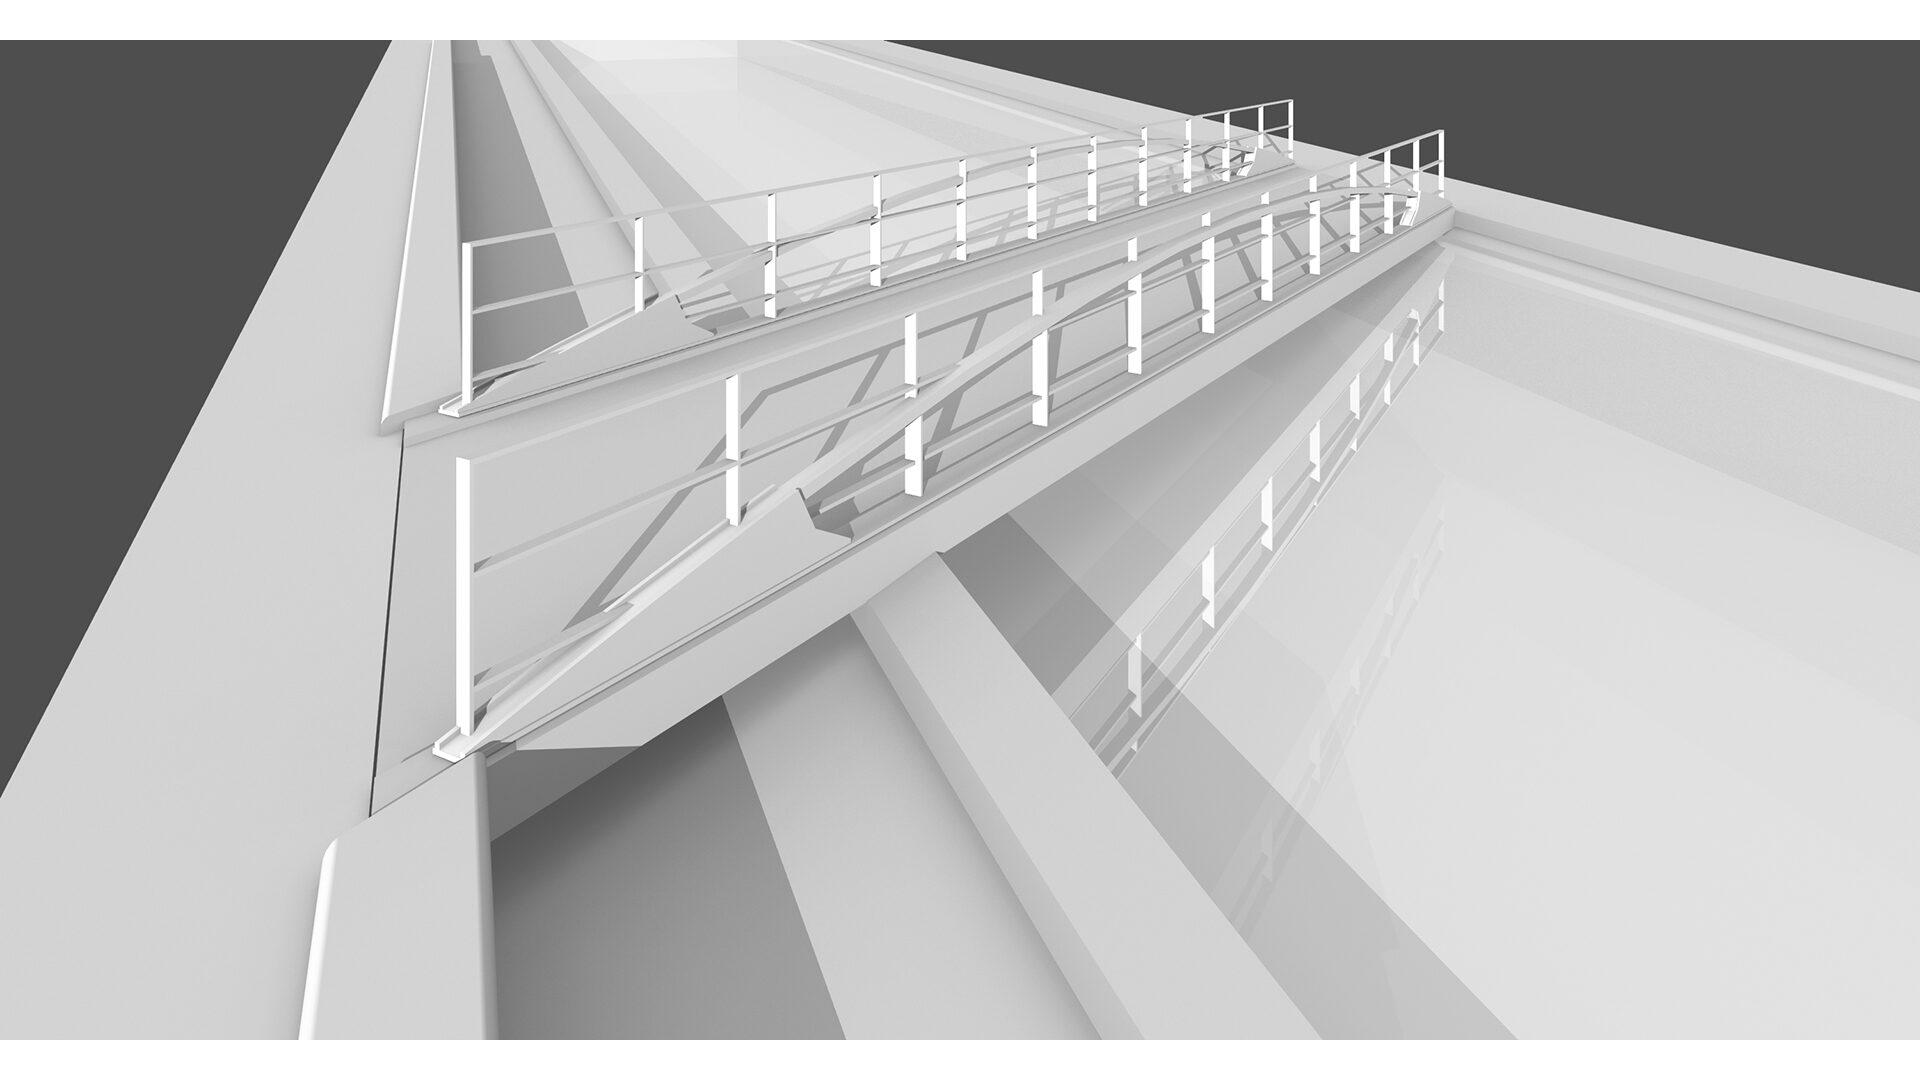 sauerzapfe-architekten-bruecke-kleiner-kiel-kanal-holstenfleet-kiel-09